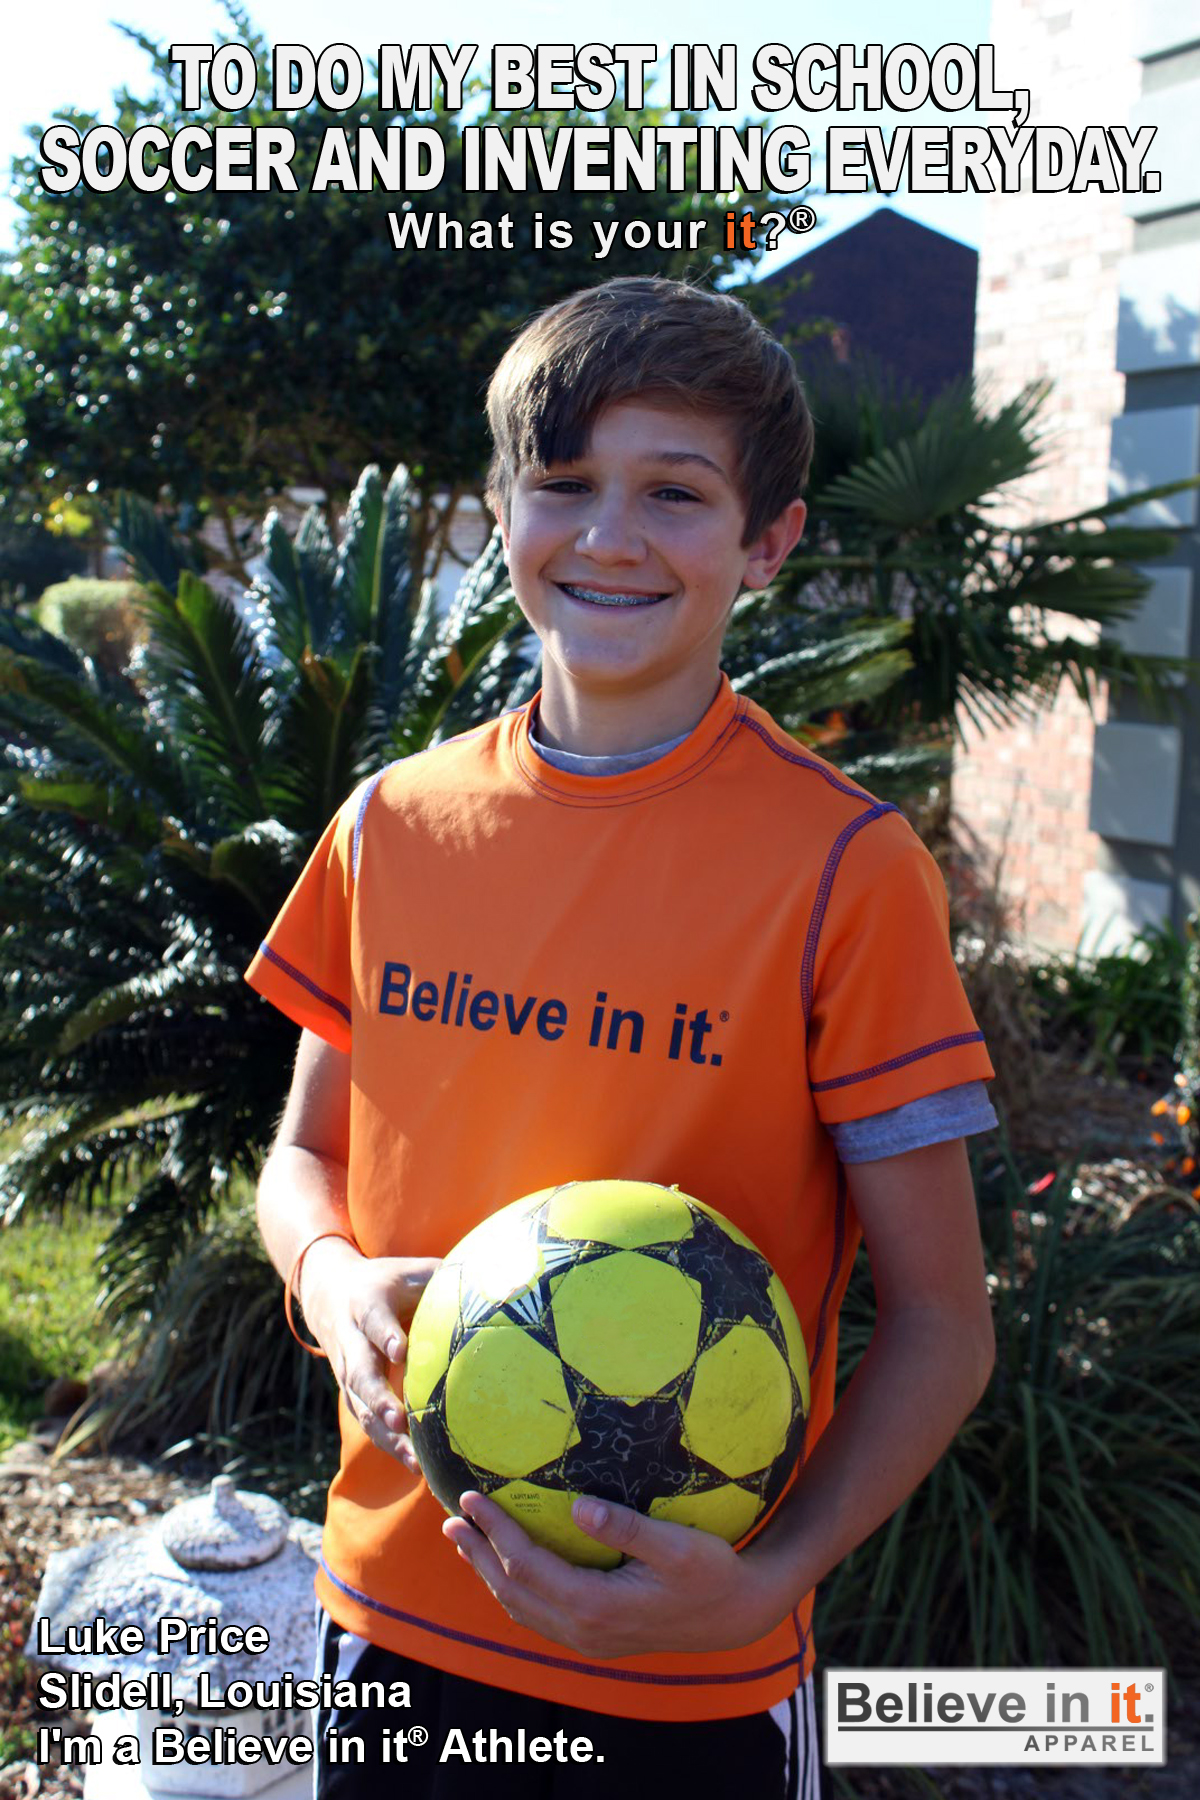 Luke Price Believe in it Athlete